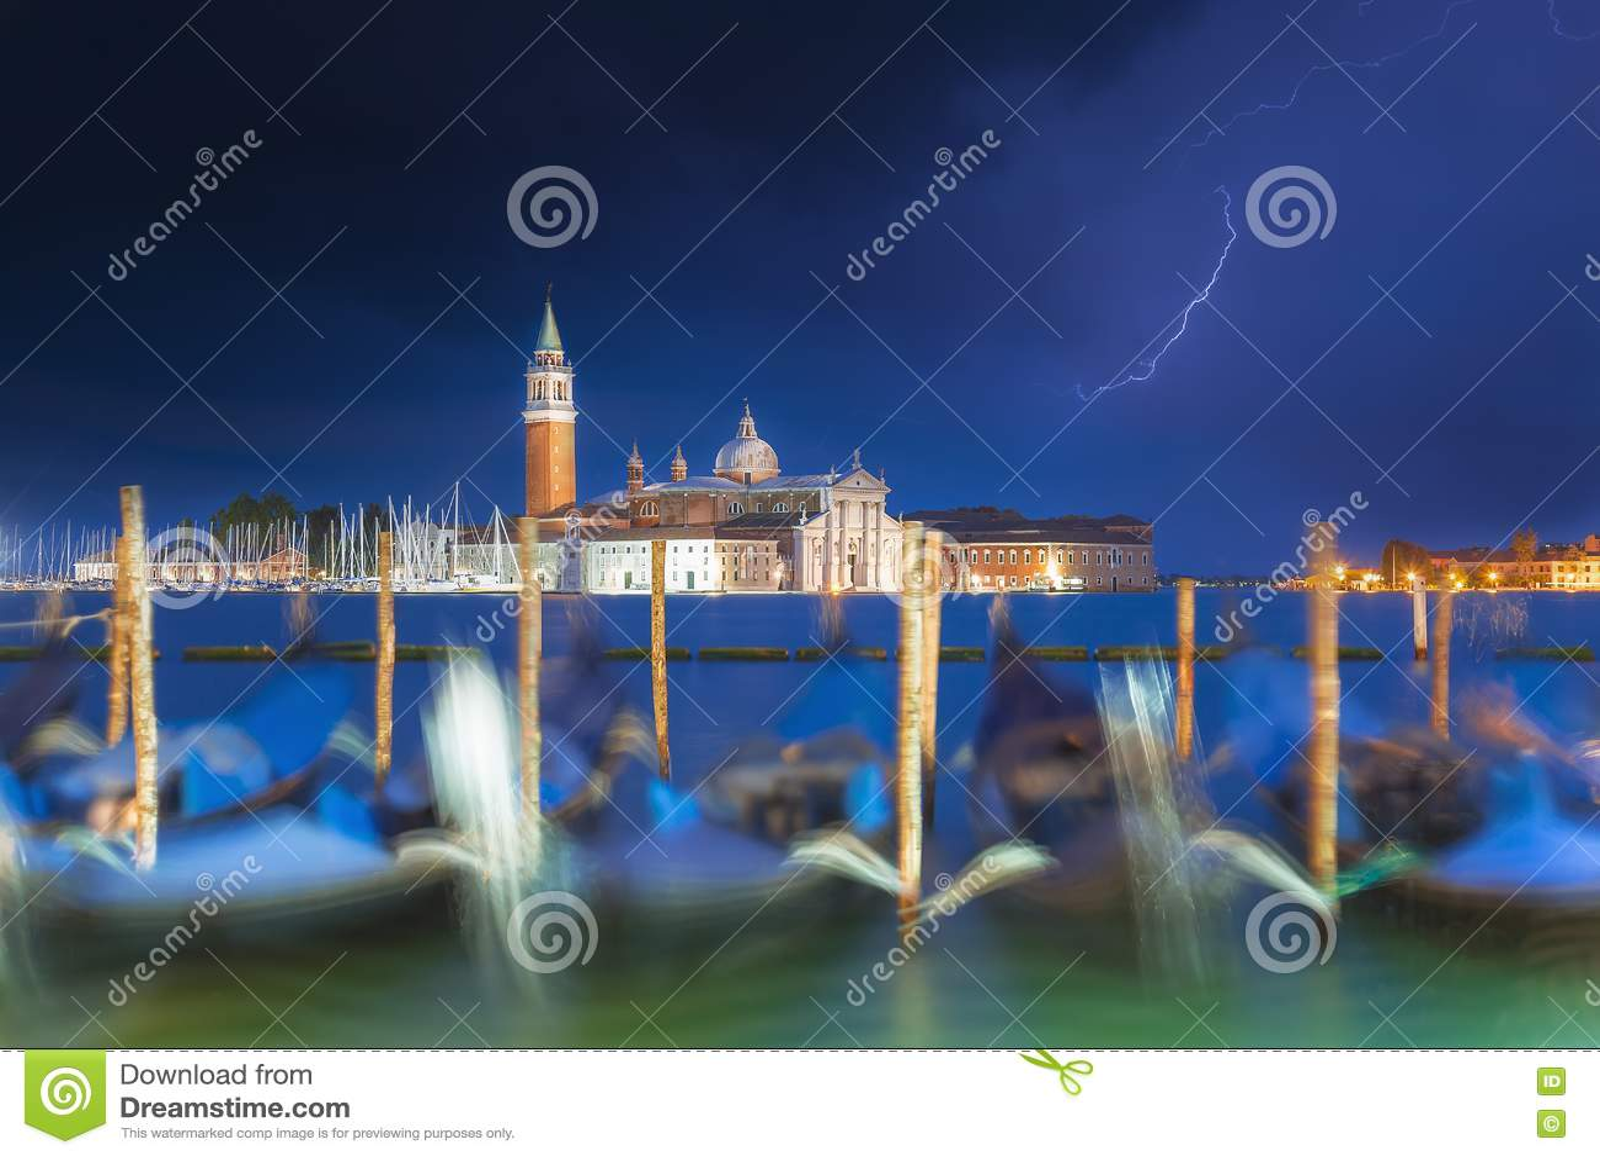 De kerk en de gondels van San Giorgio Maggiore in Venetië, Italië tijdens blauw uur met dramatische hemel en verlichting Nadruk o